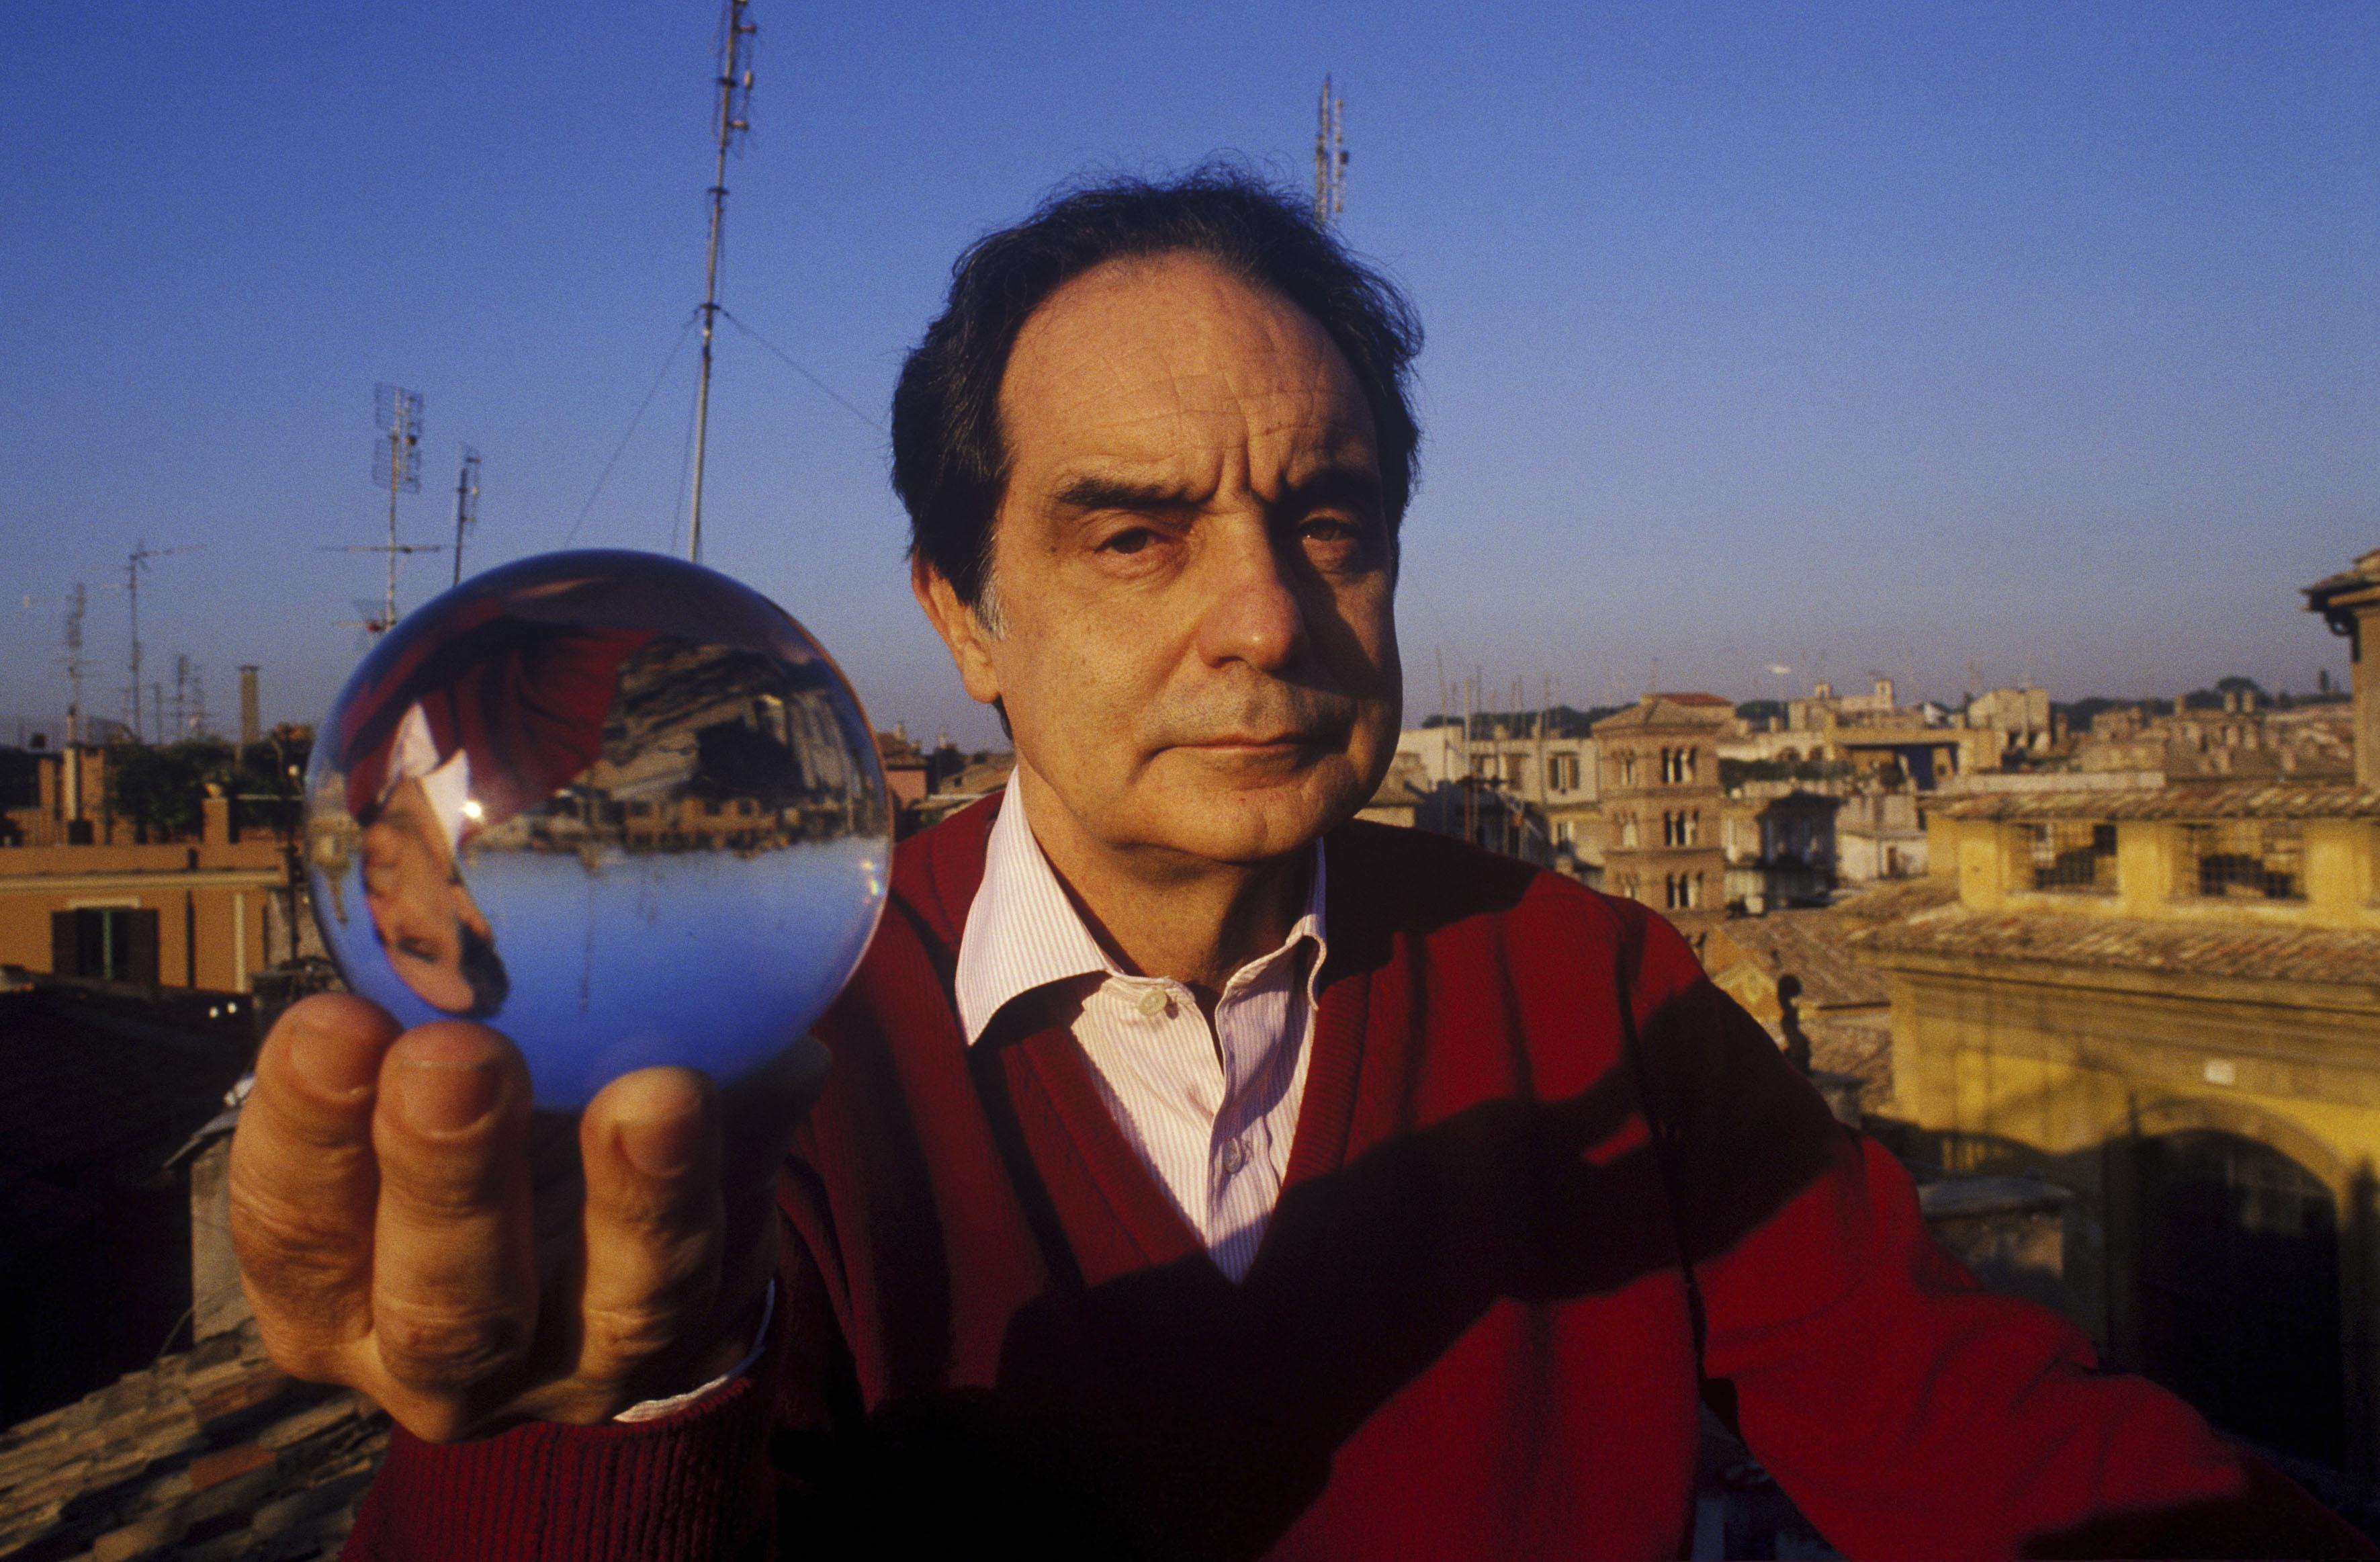 Rome, December 1984 - Writer Italo Calvino >< Roma, dicembre 1984 - Italo Calvino, scrittore *** Local Caption *** 00114424